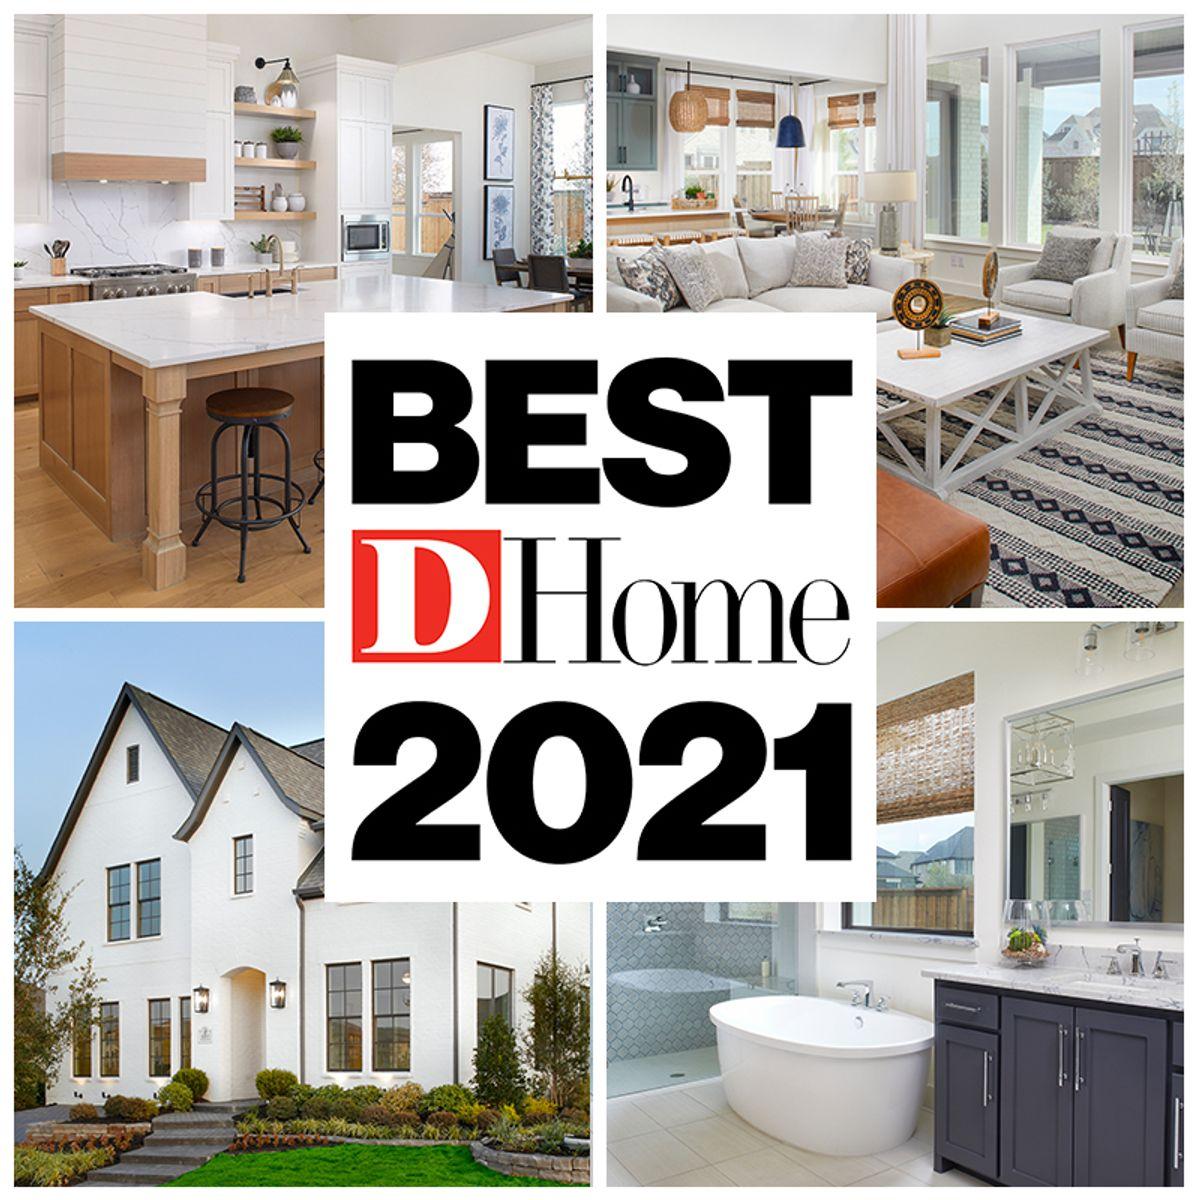 D Home's 2021 Best Builders!